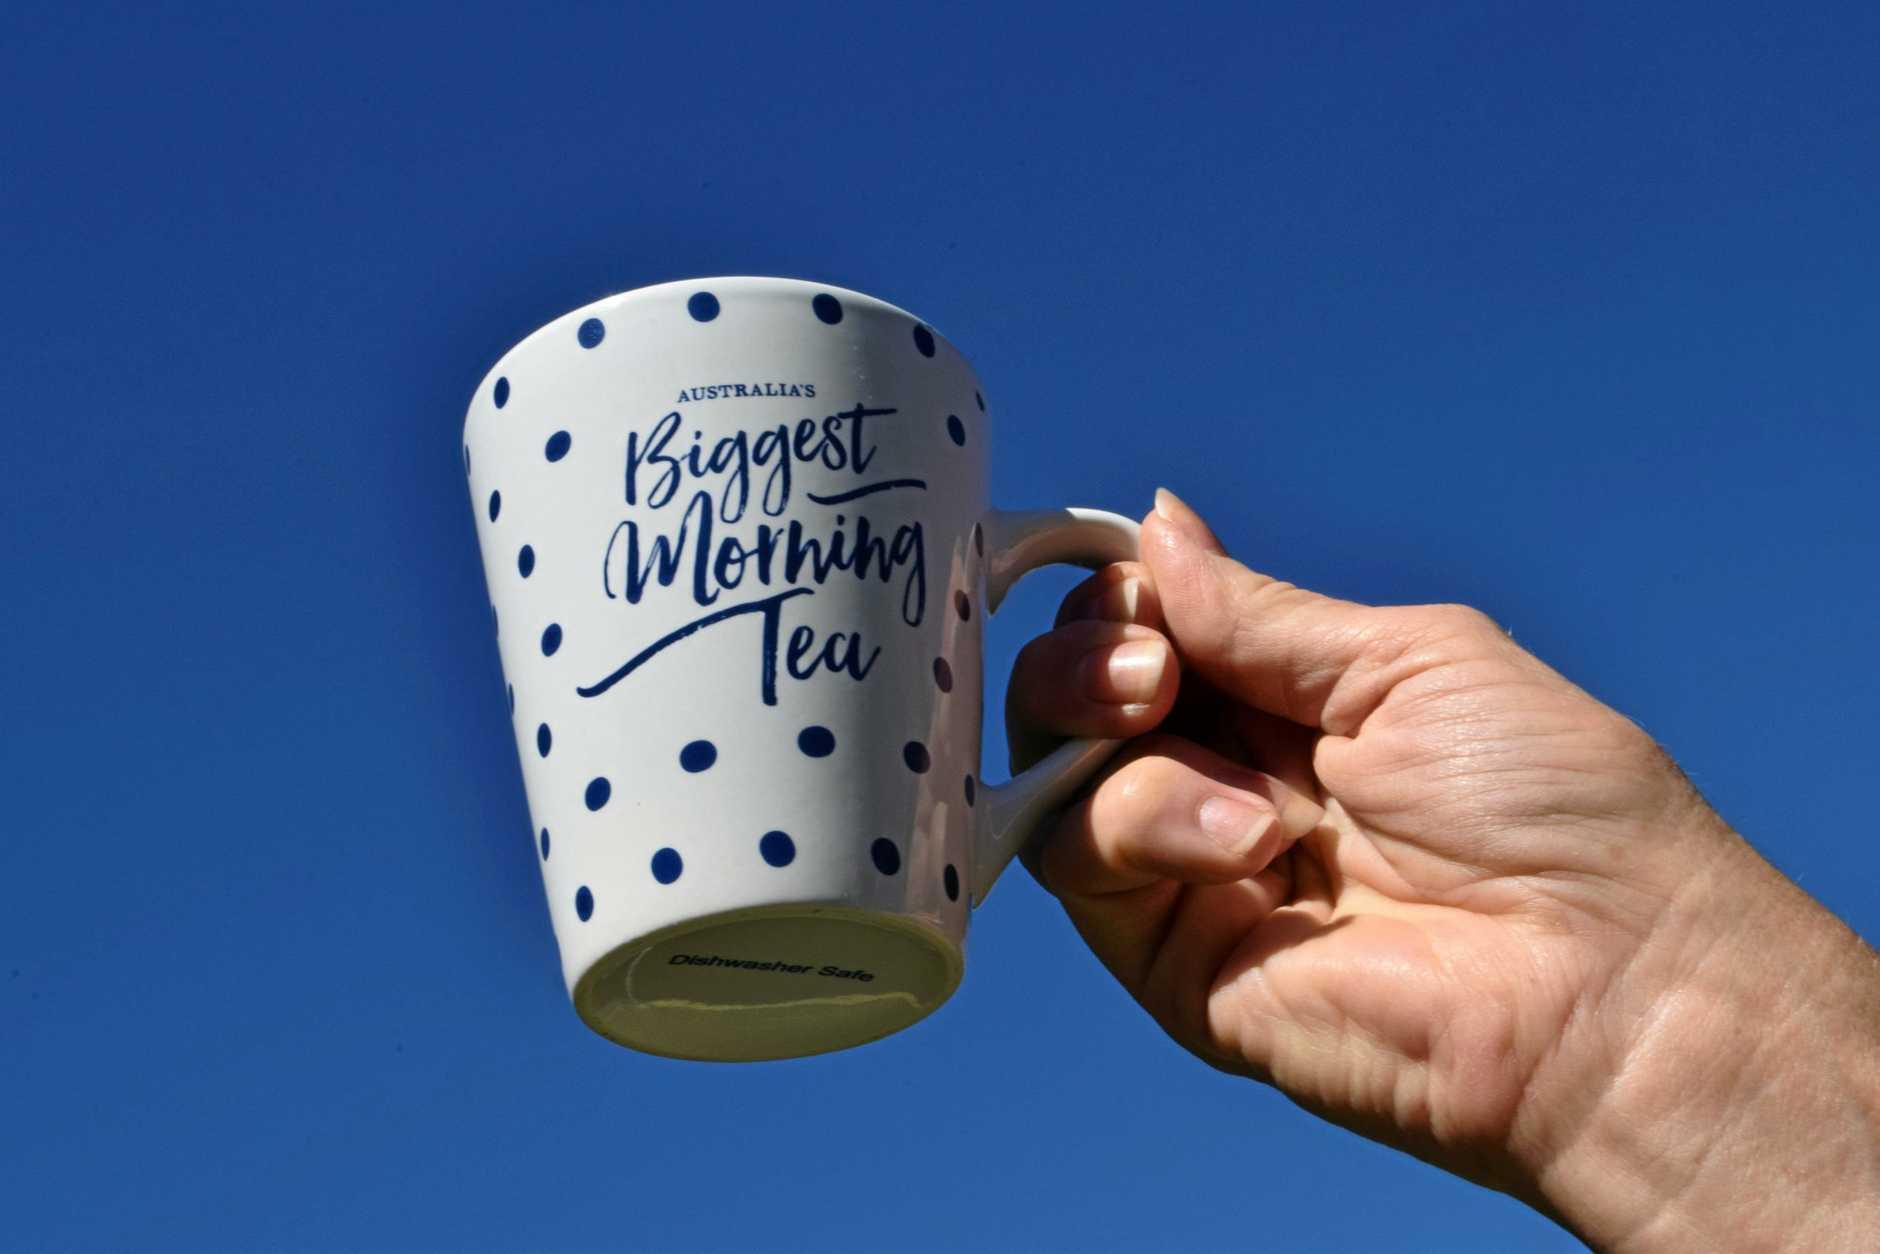 Australia's Biggest Morning Tea.